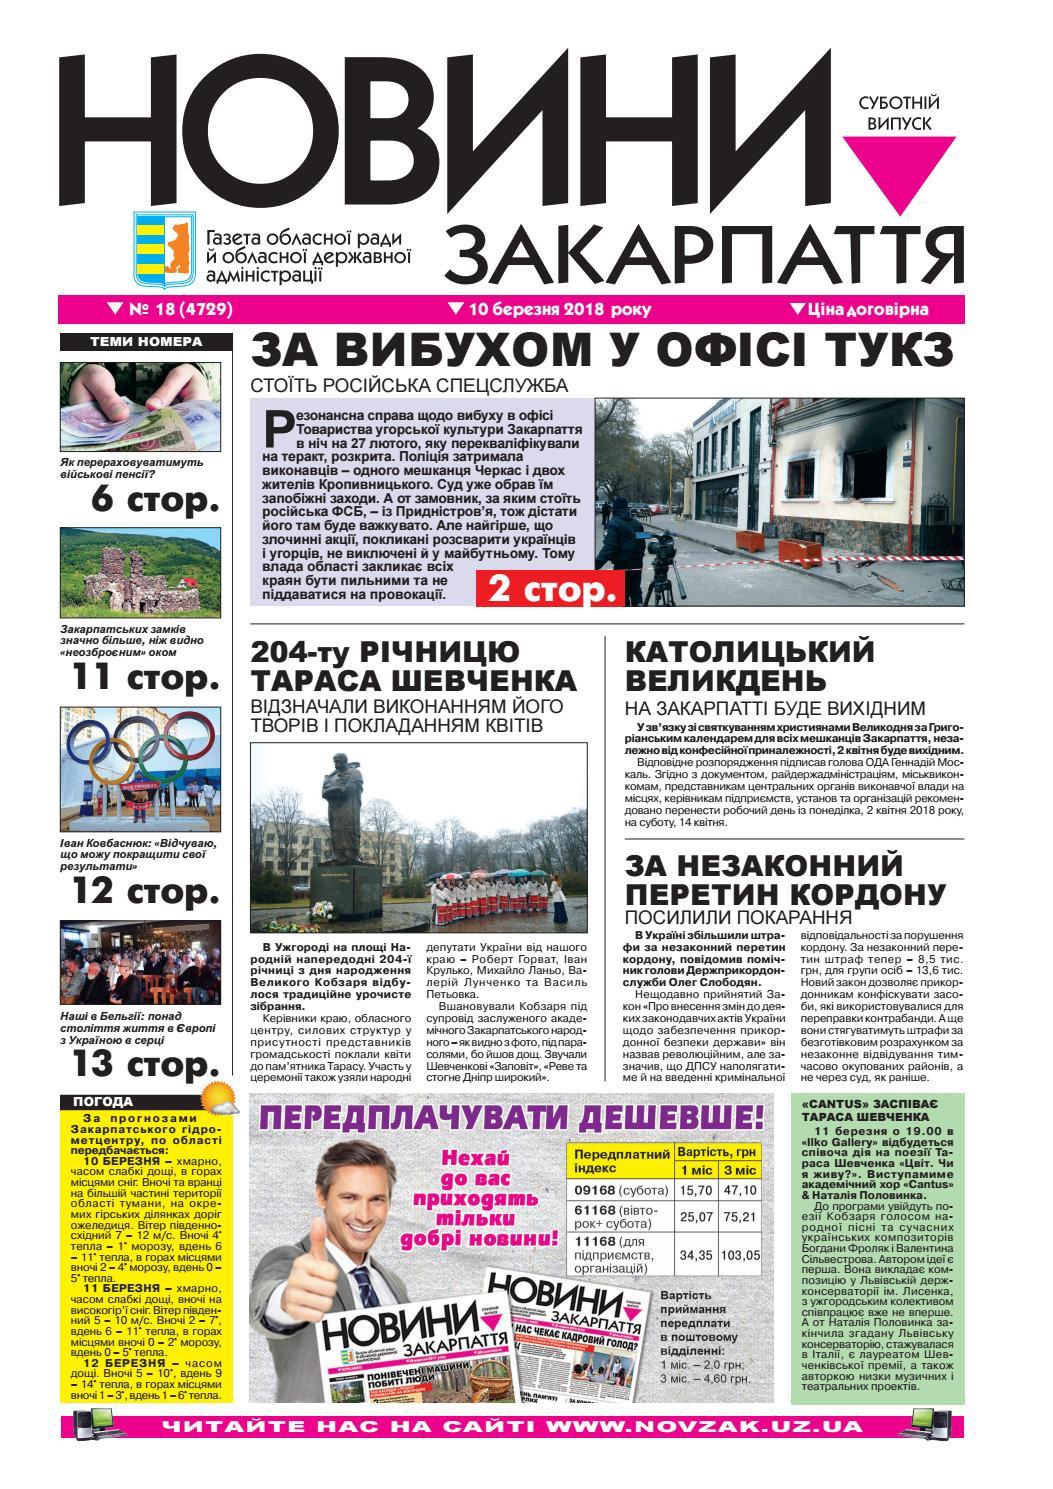 arterialdy hipertenzija kazahstanski ruski sir i hipertenzija